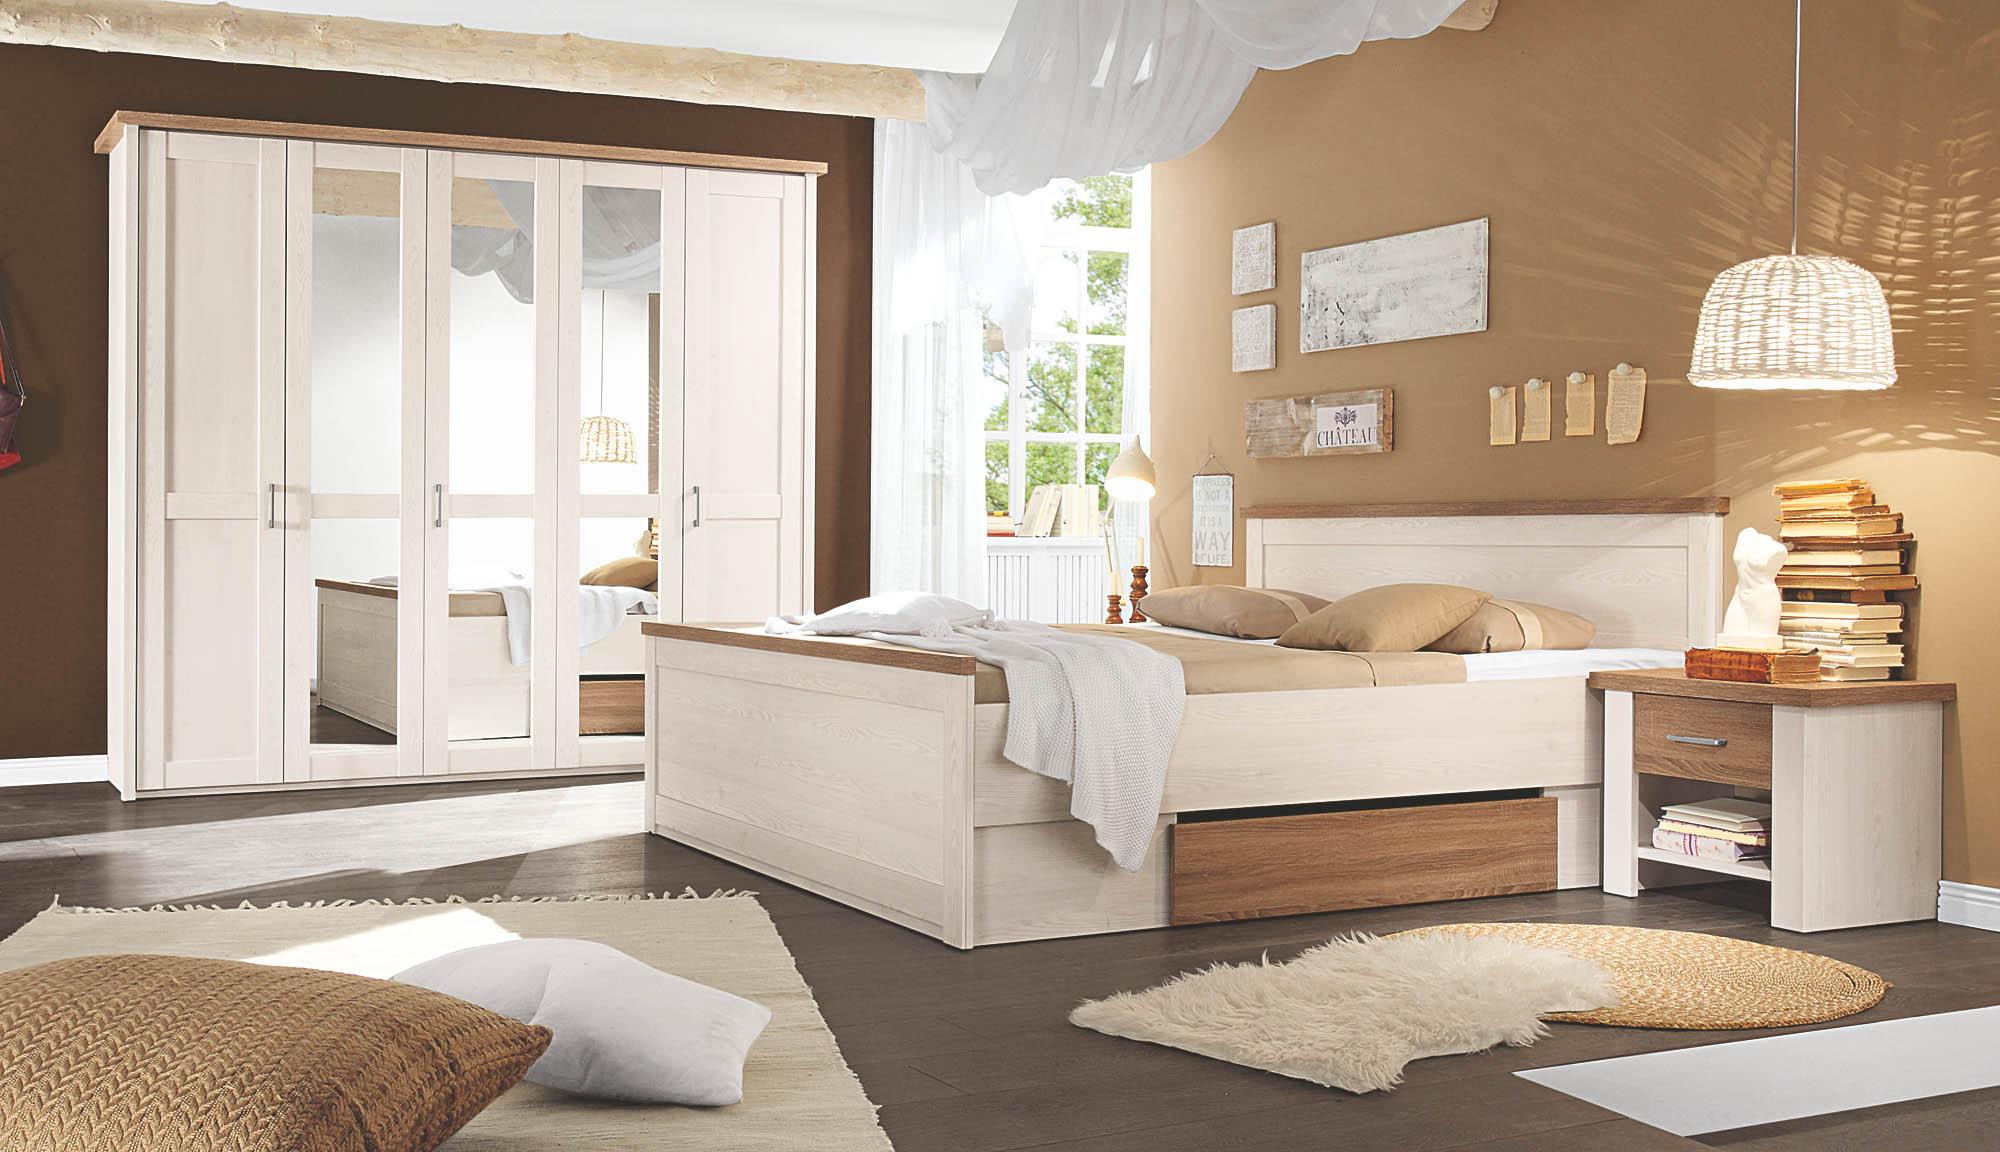 Kleiderschrank 5 Trg Luca Von Pol Power Pinie Weiss Truffel